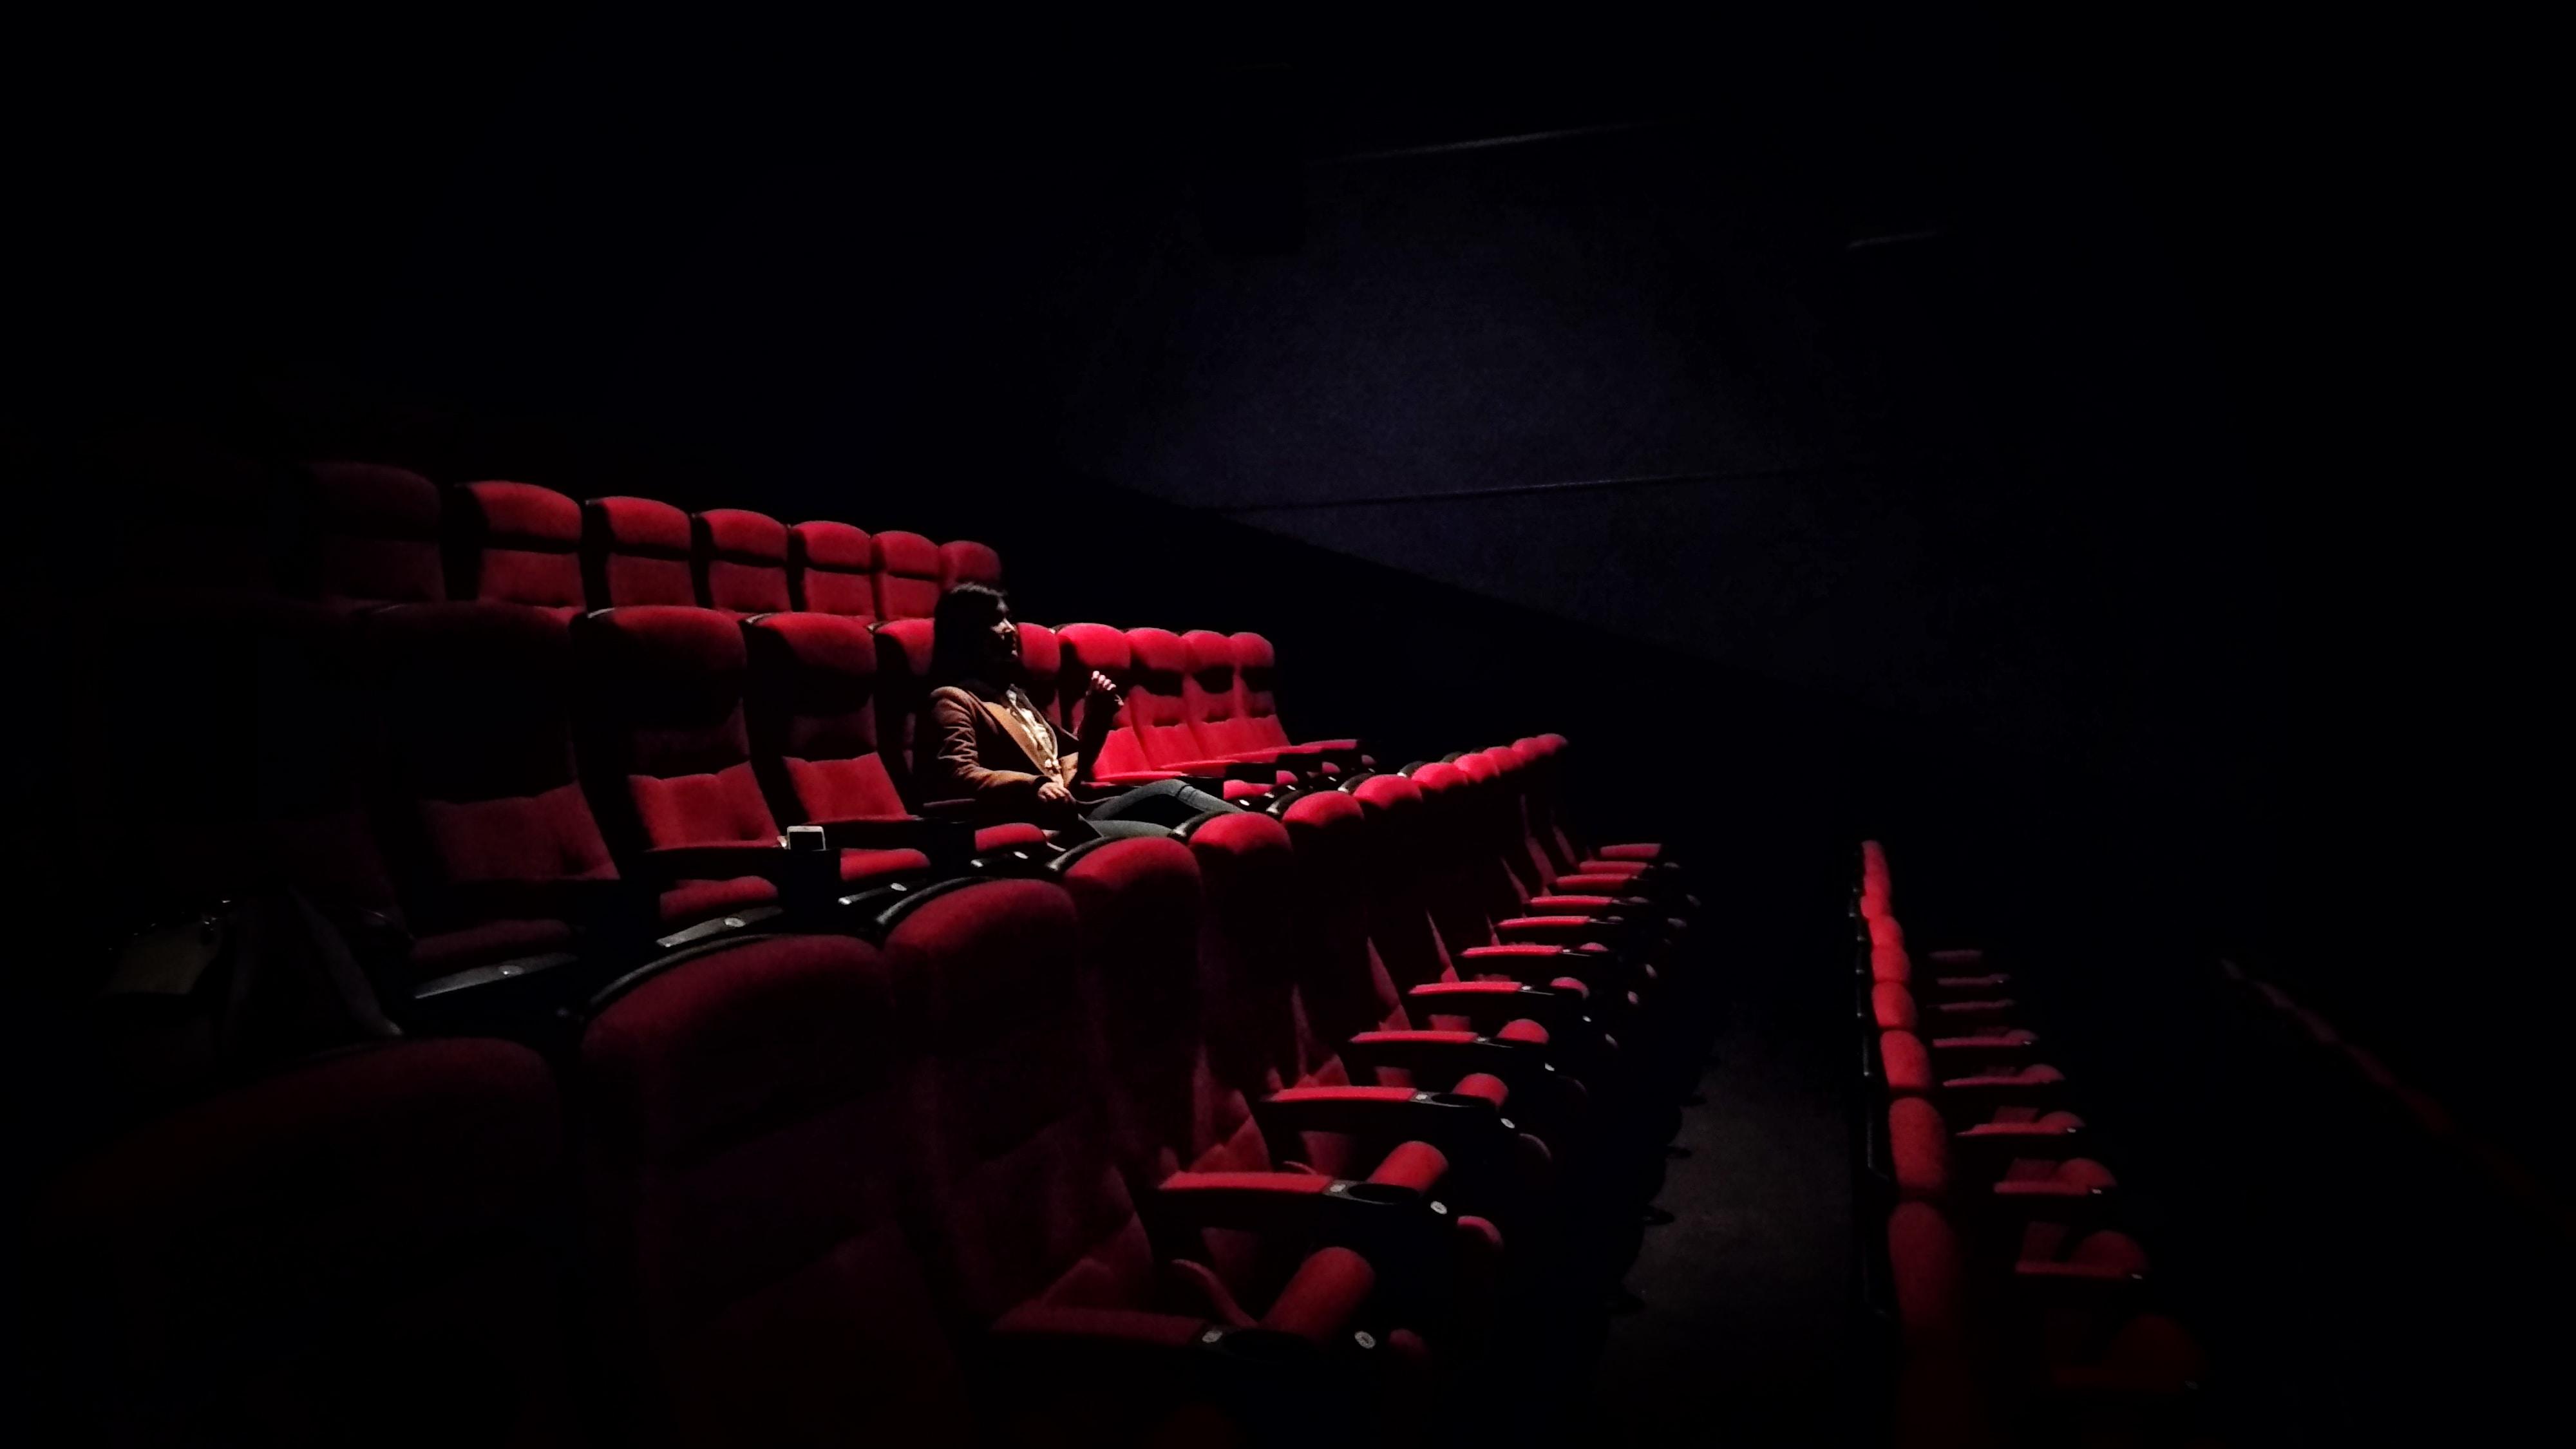 Делай кино, которое будешь смотреть сам